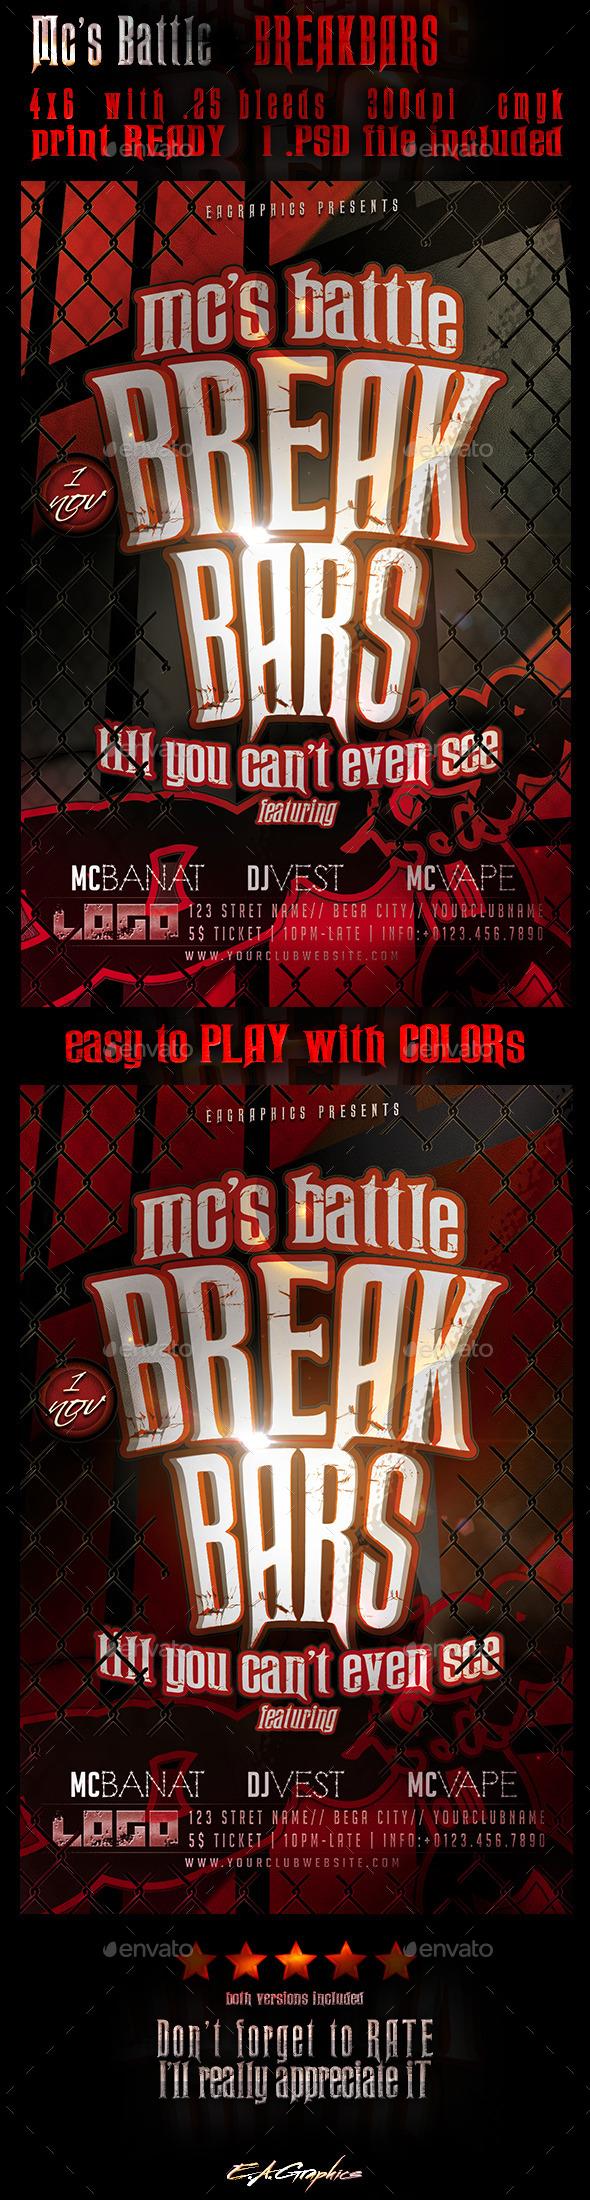 GraphicRiver Mc s Battle BreakBars 9199430